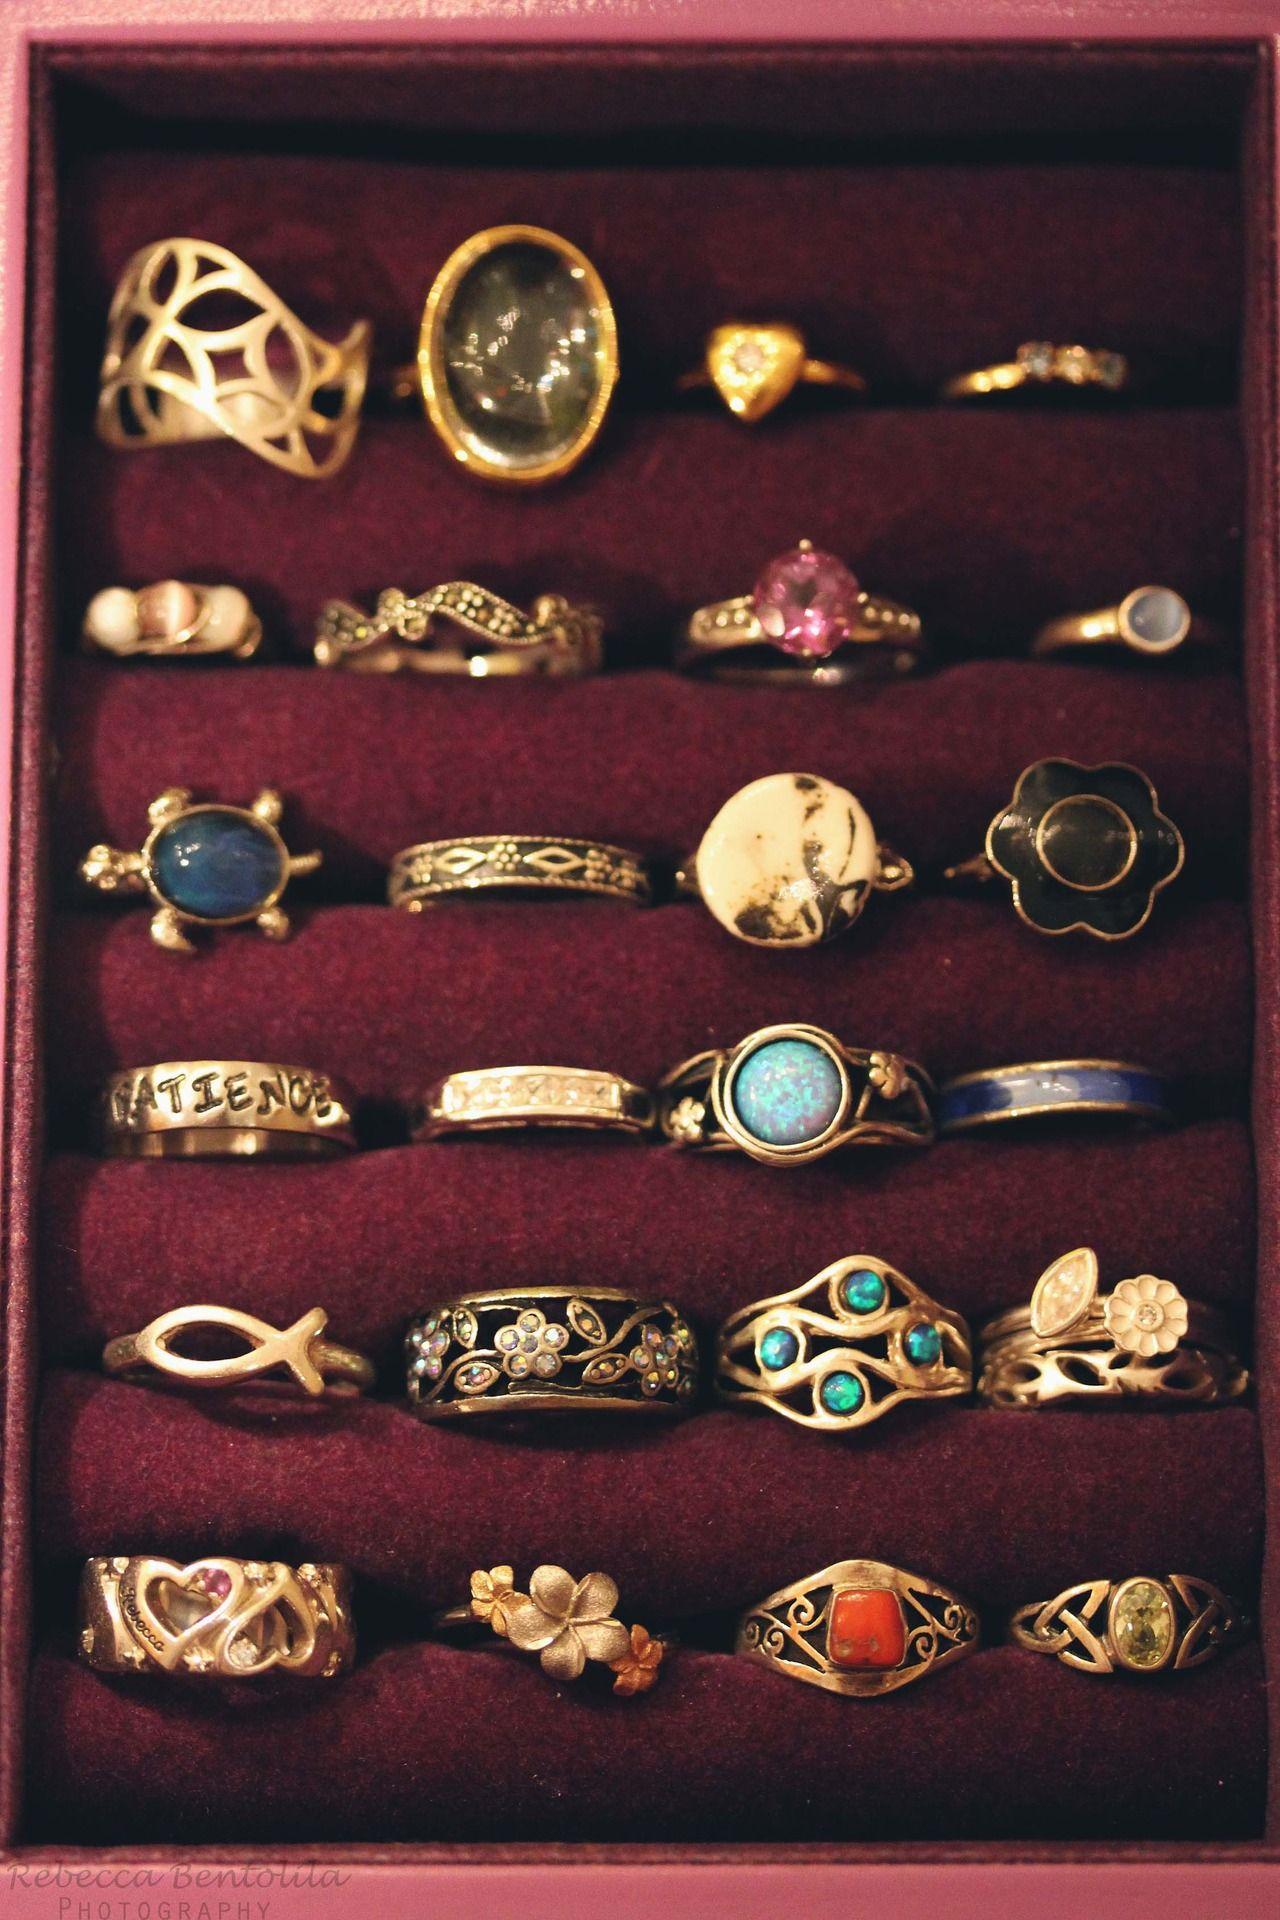 0795a3786d41 In de la temporada - anillos grandes con piedras de colores